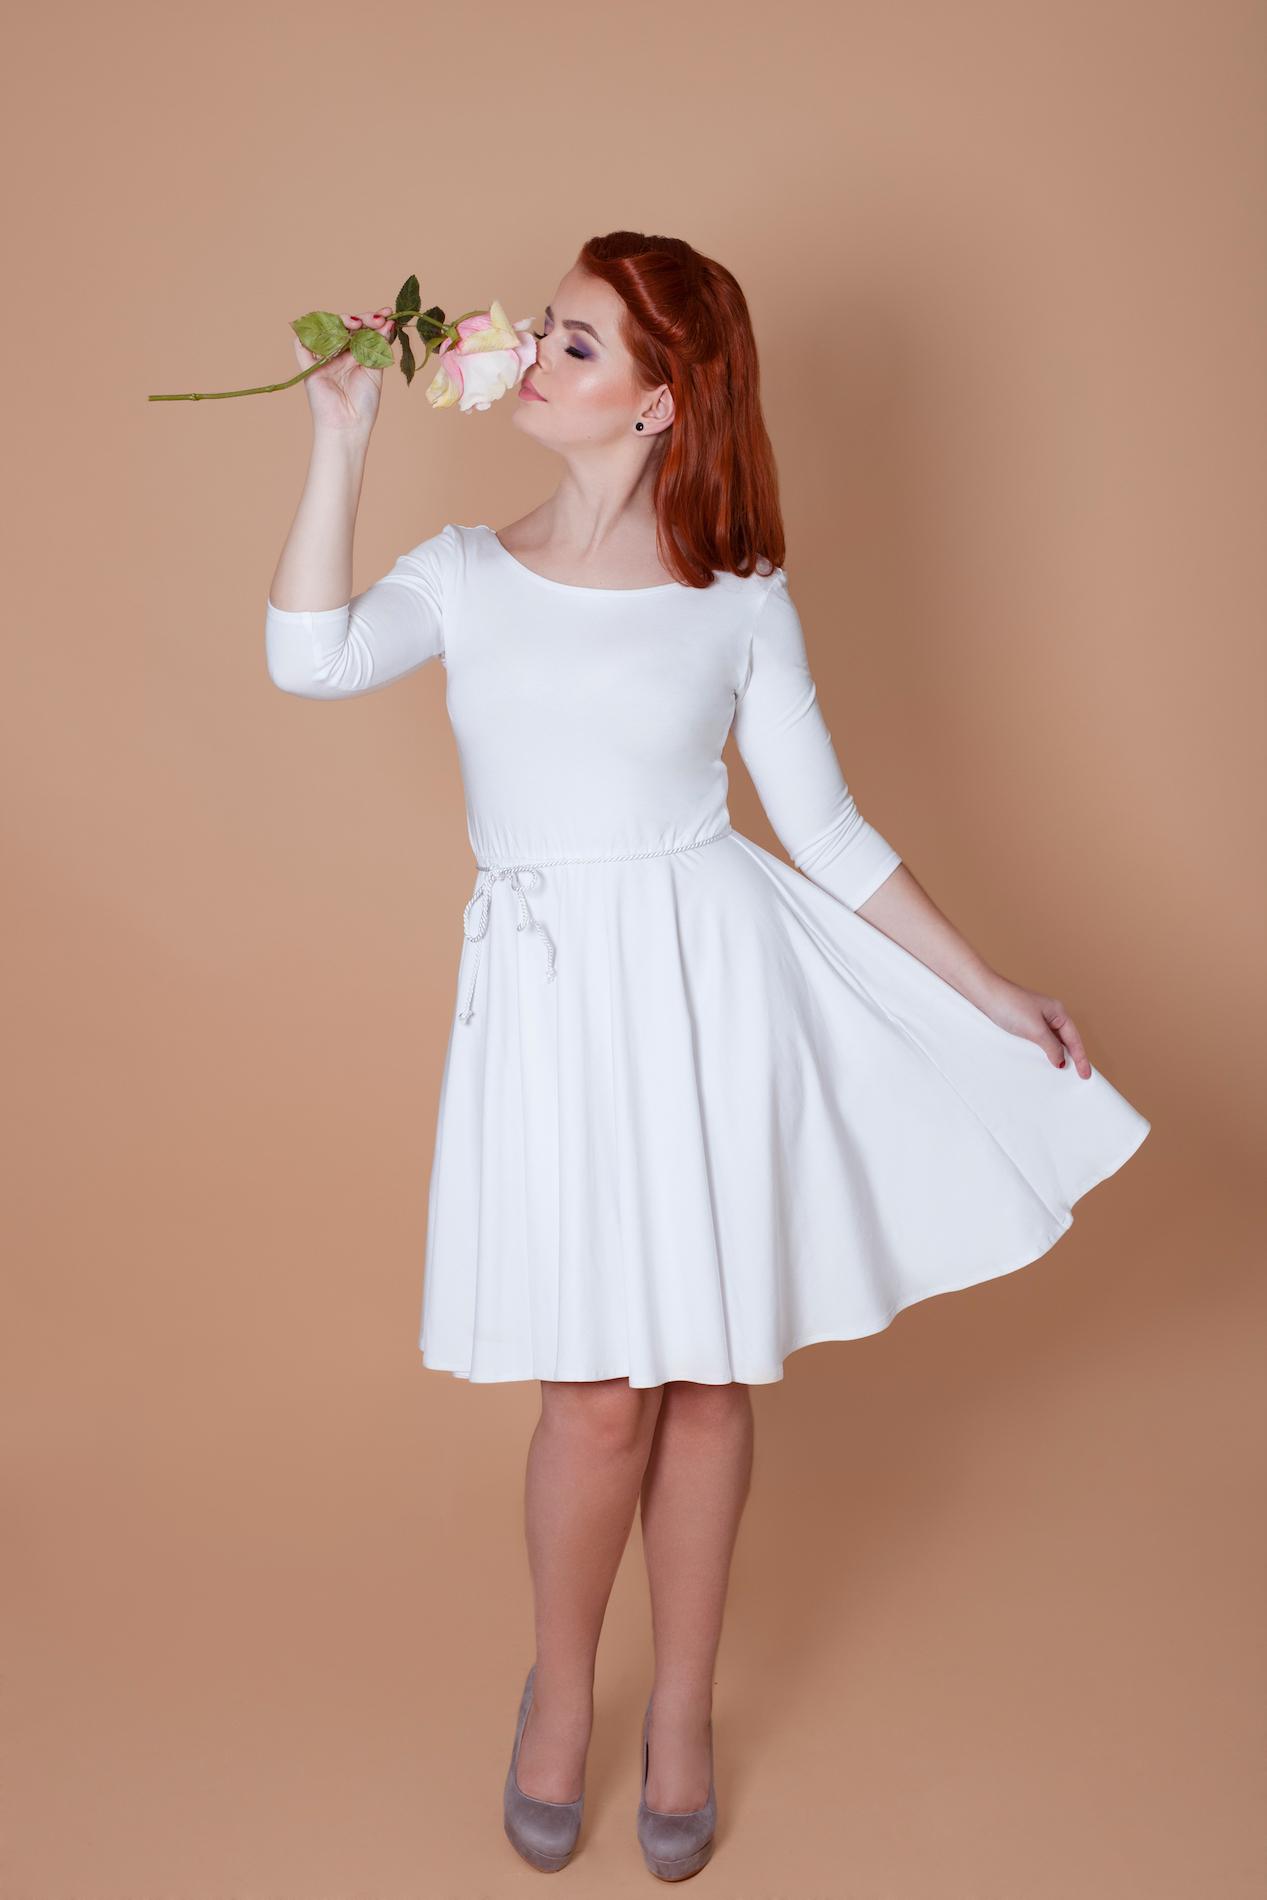 Biele bambusové šaty s výstrihom Snehulienka 701e789fe33